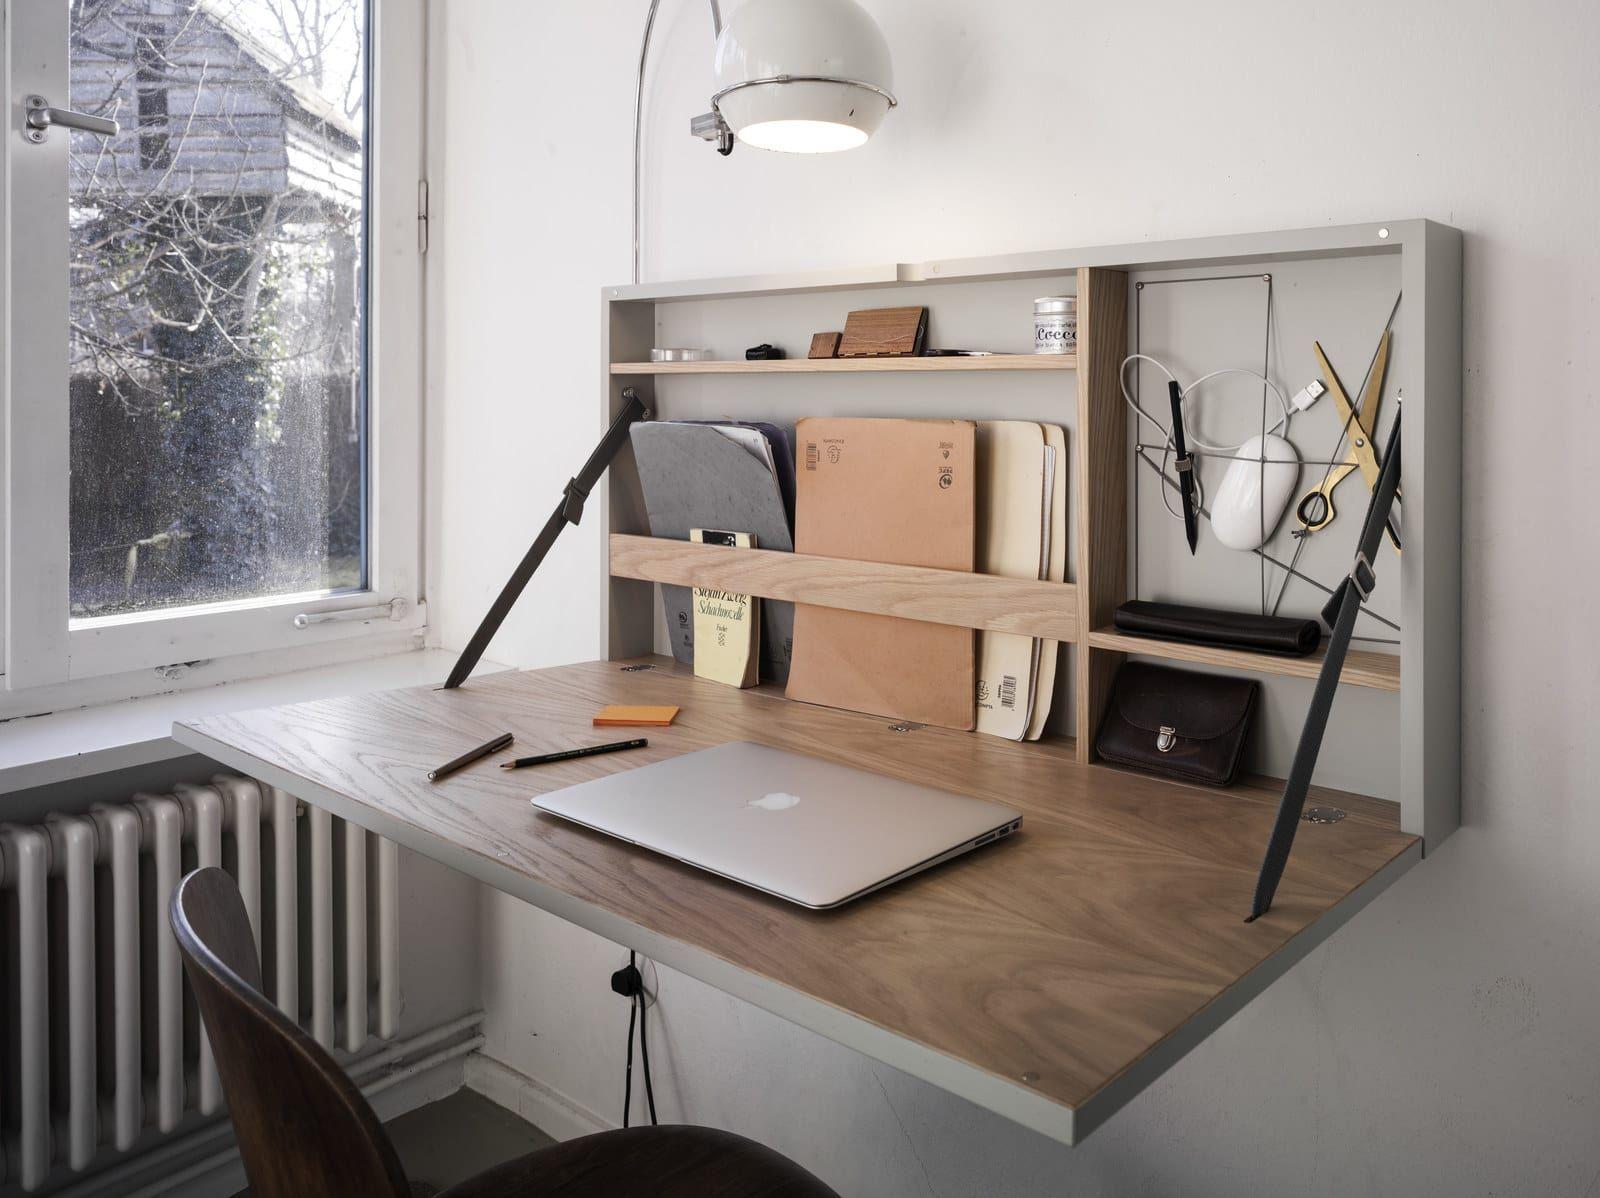 23 großartige Einrichtungs-Ideen für kleine Räume | Room and Spaces